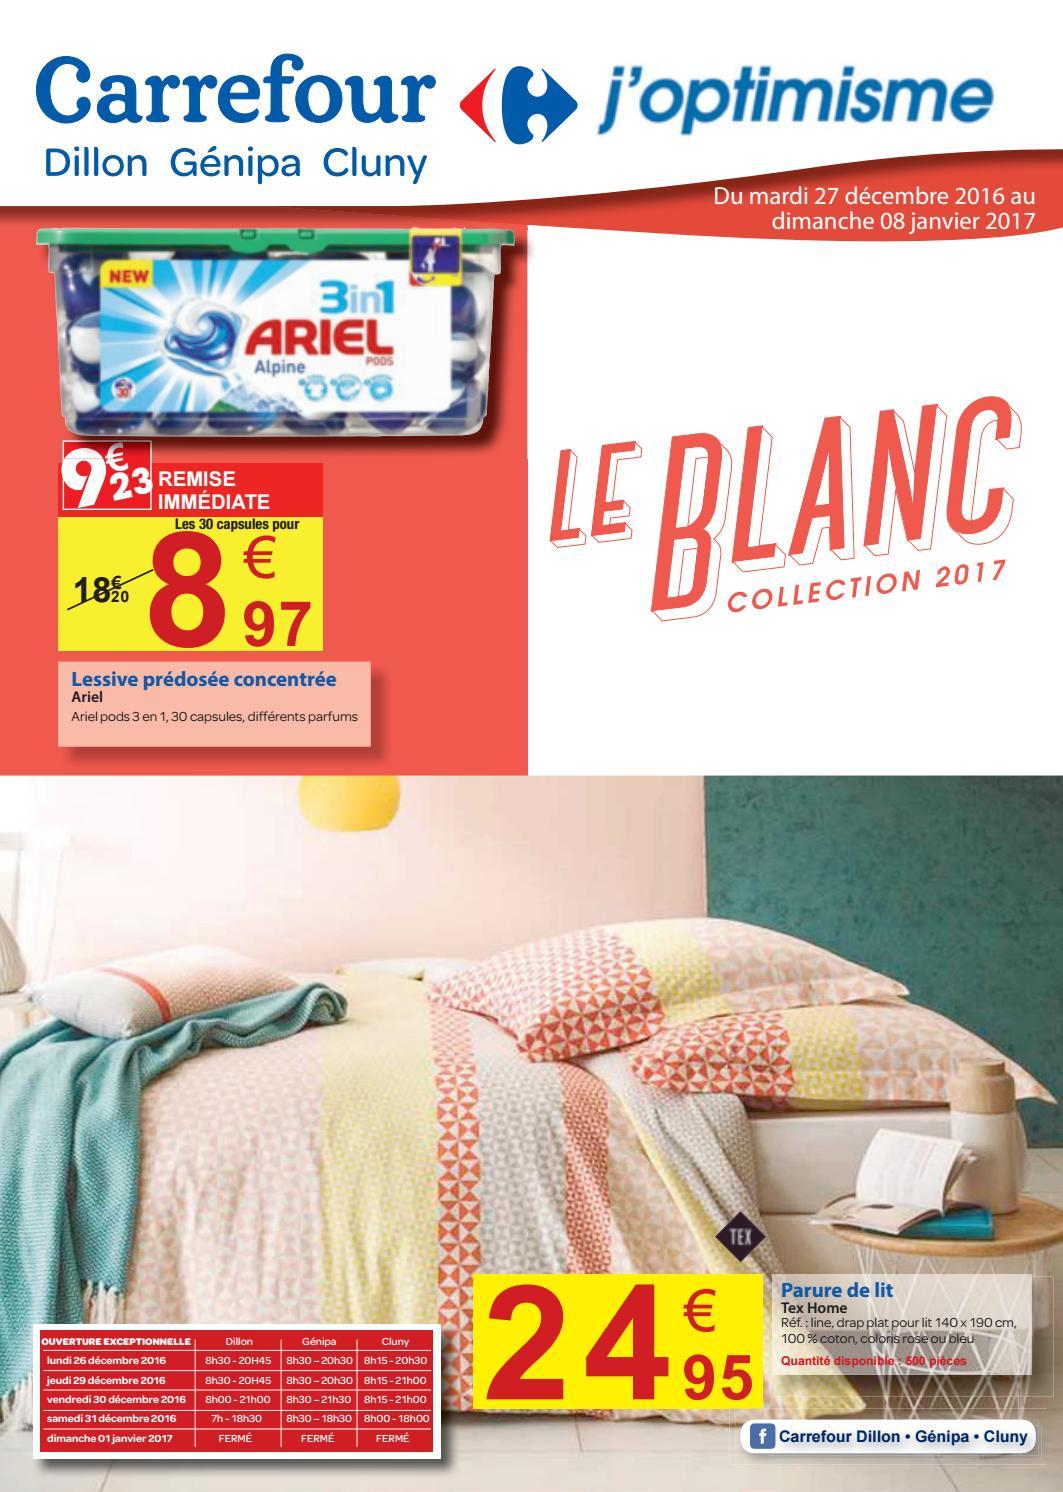 Carrefour Le Blanc Collection 2017 Du 27 Decembre 2016 Au 08 Janvier 2017 By Momentum Media Issuu